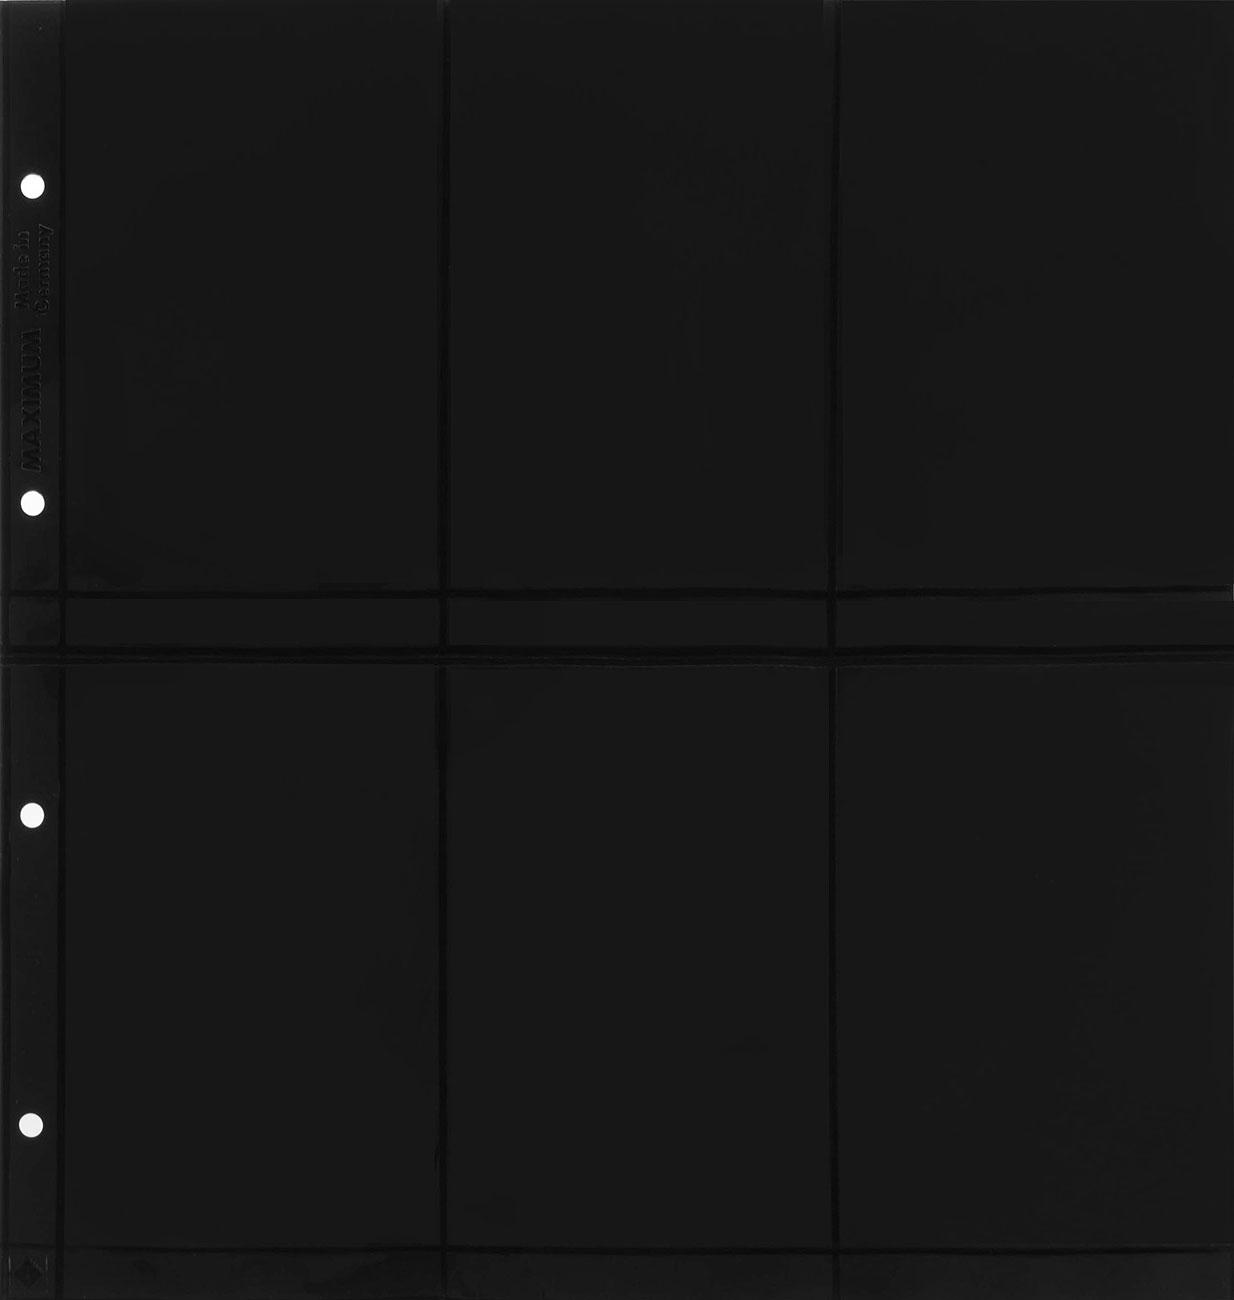 Лист в альбом Maximum для бон, на 6 бон. MAX 6S. Вертикальные ячейки. Производство Leuchtturm (10 листов в упаковке)329179Характеристики: Размер листа: 33,5 см х 32,5 см Размер ячейки: 14,8 см x 9,5 с Количество листов в упаковке: 10